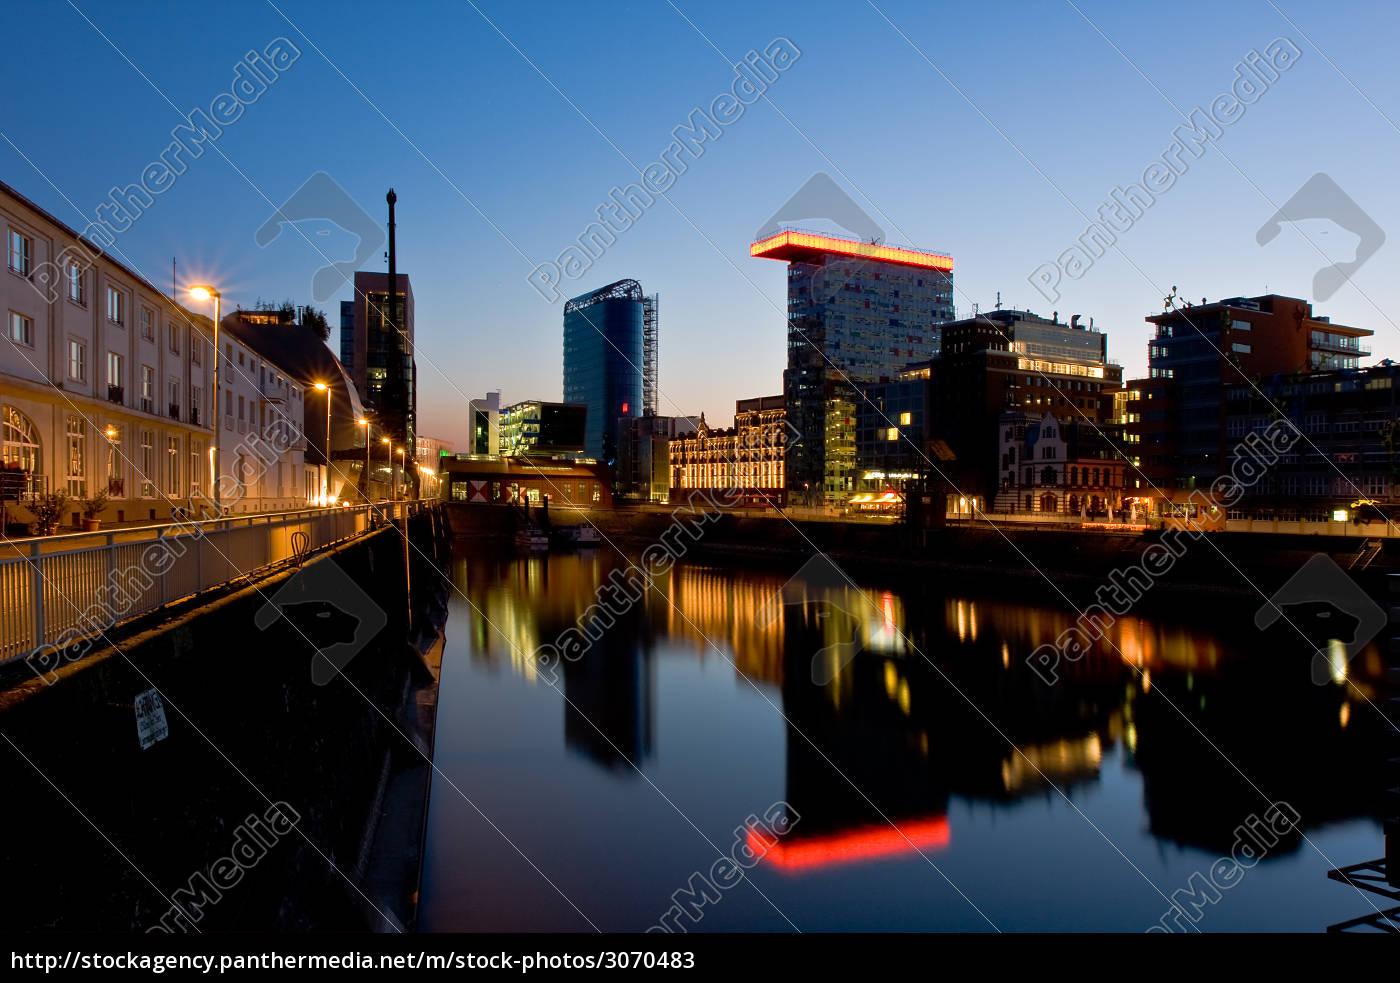 media, harbour, dusseldorf - 3070483